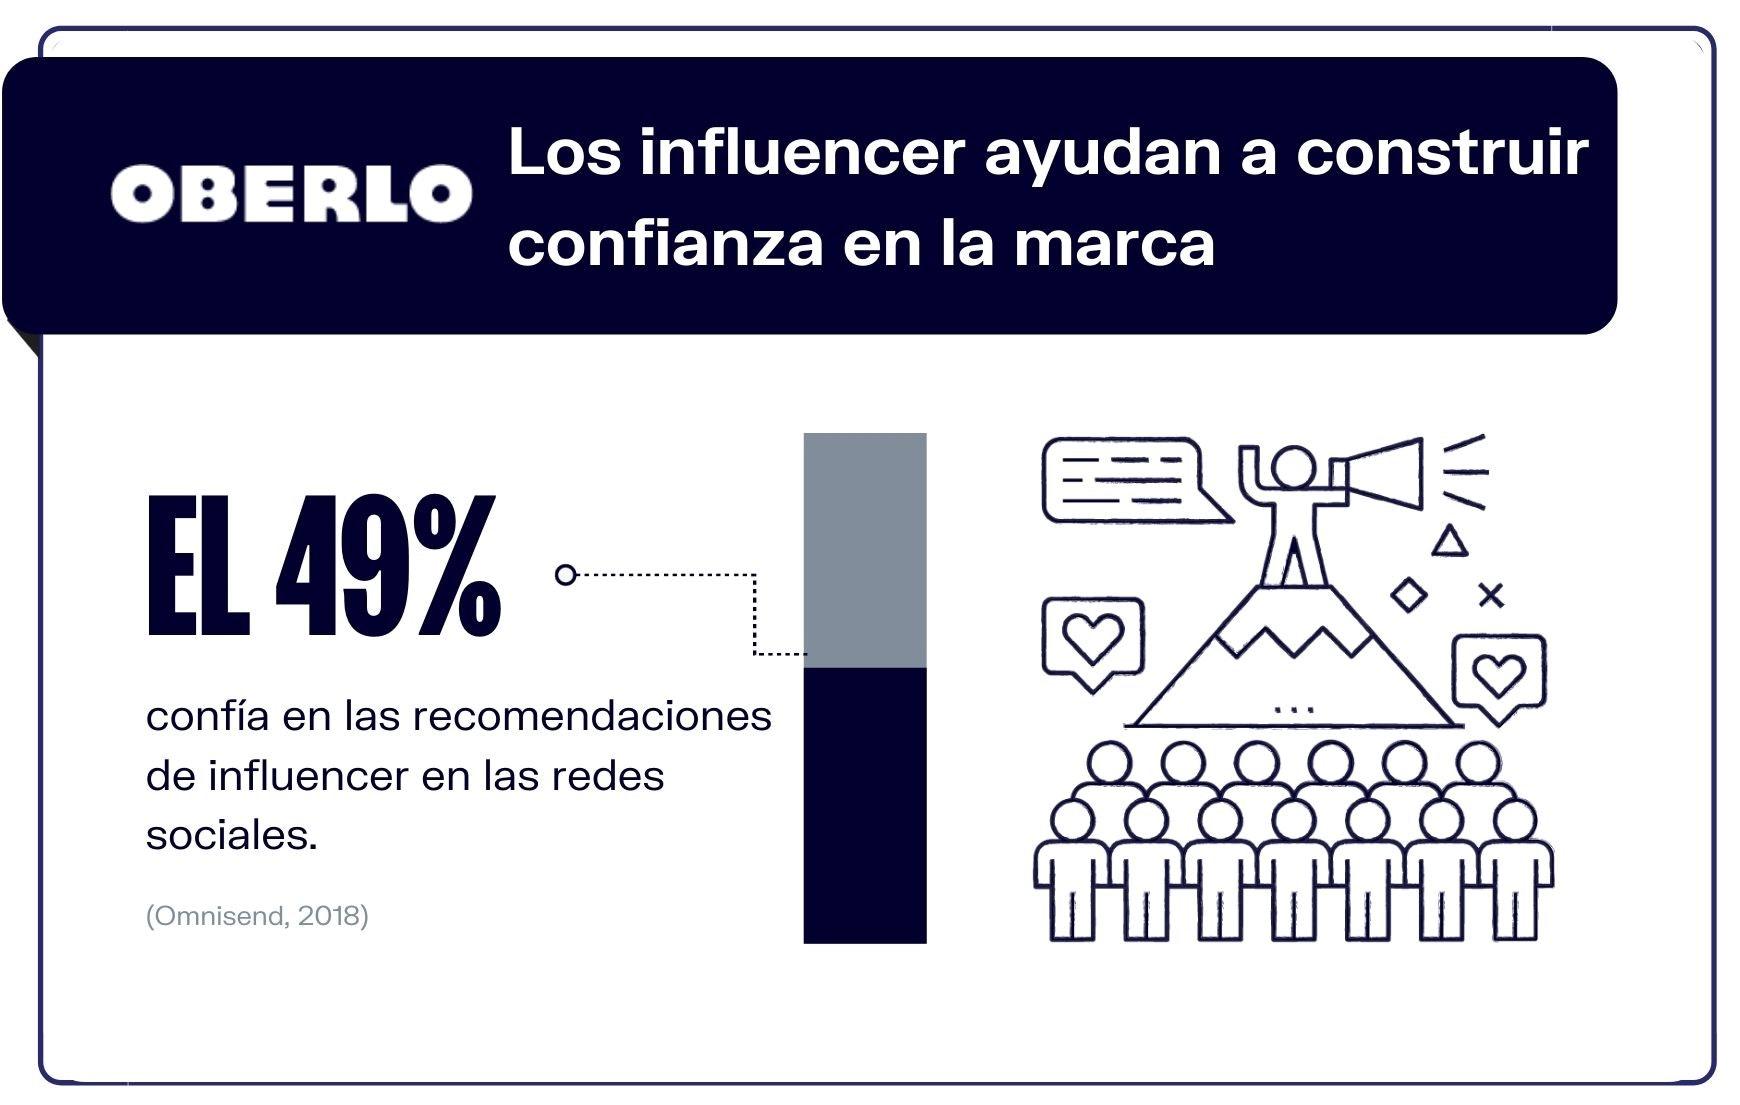 8. Los influencers ayudan a construir confianza en marcas